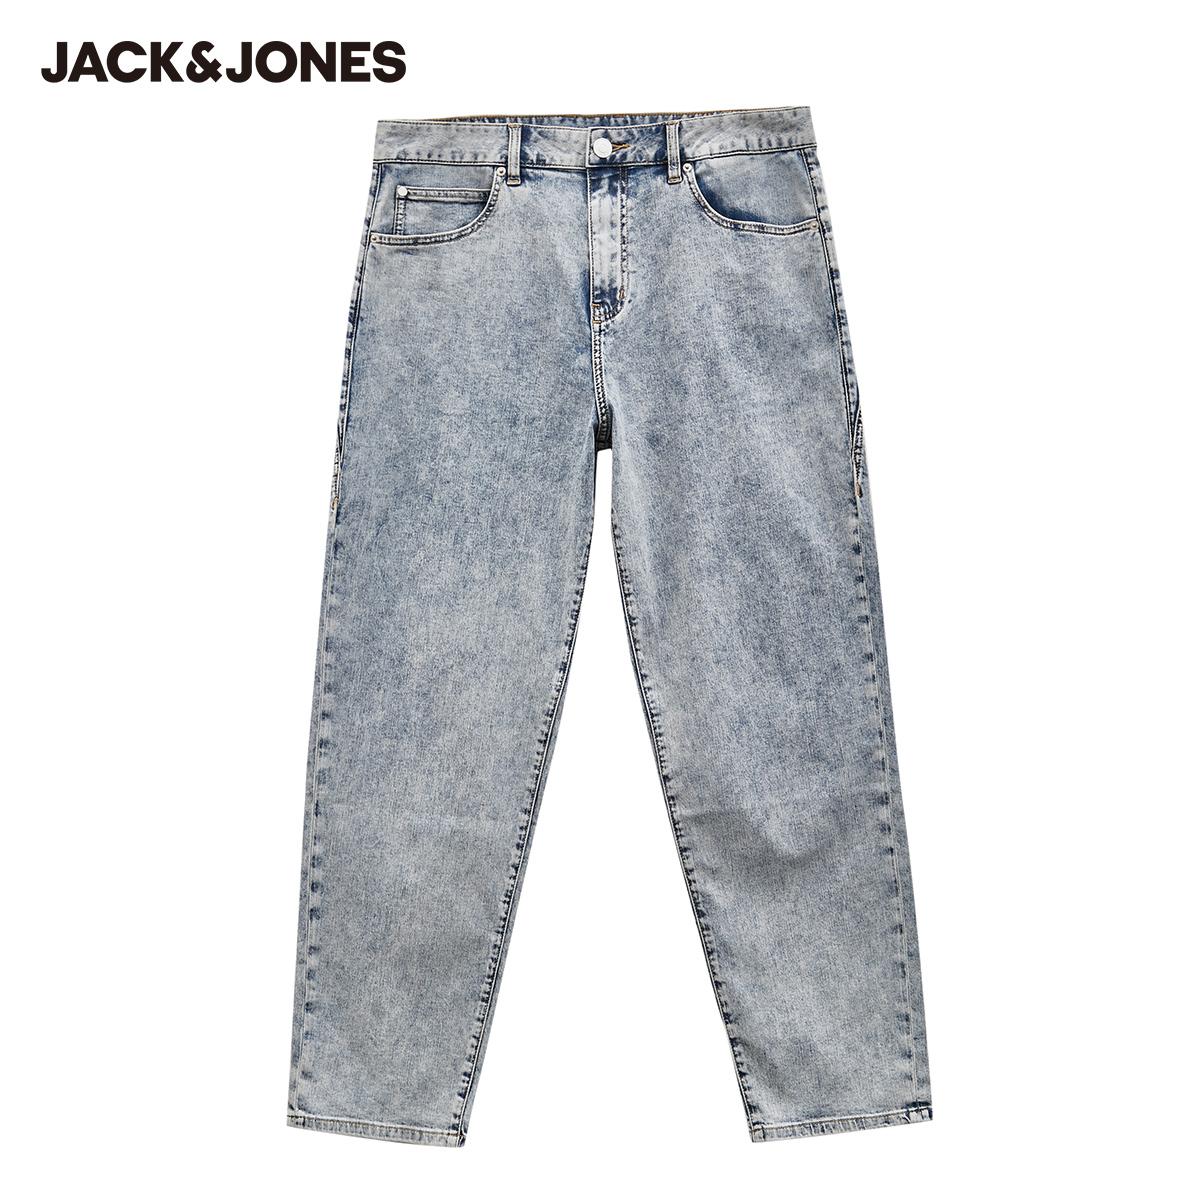 【预售】杰克琼斯冬男复古百搭休闲水洗磨白做旧牛仔裤221232059